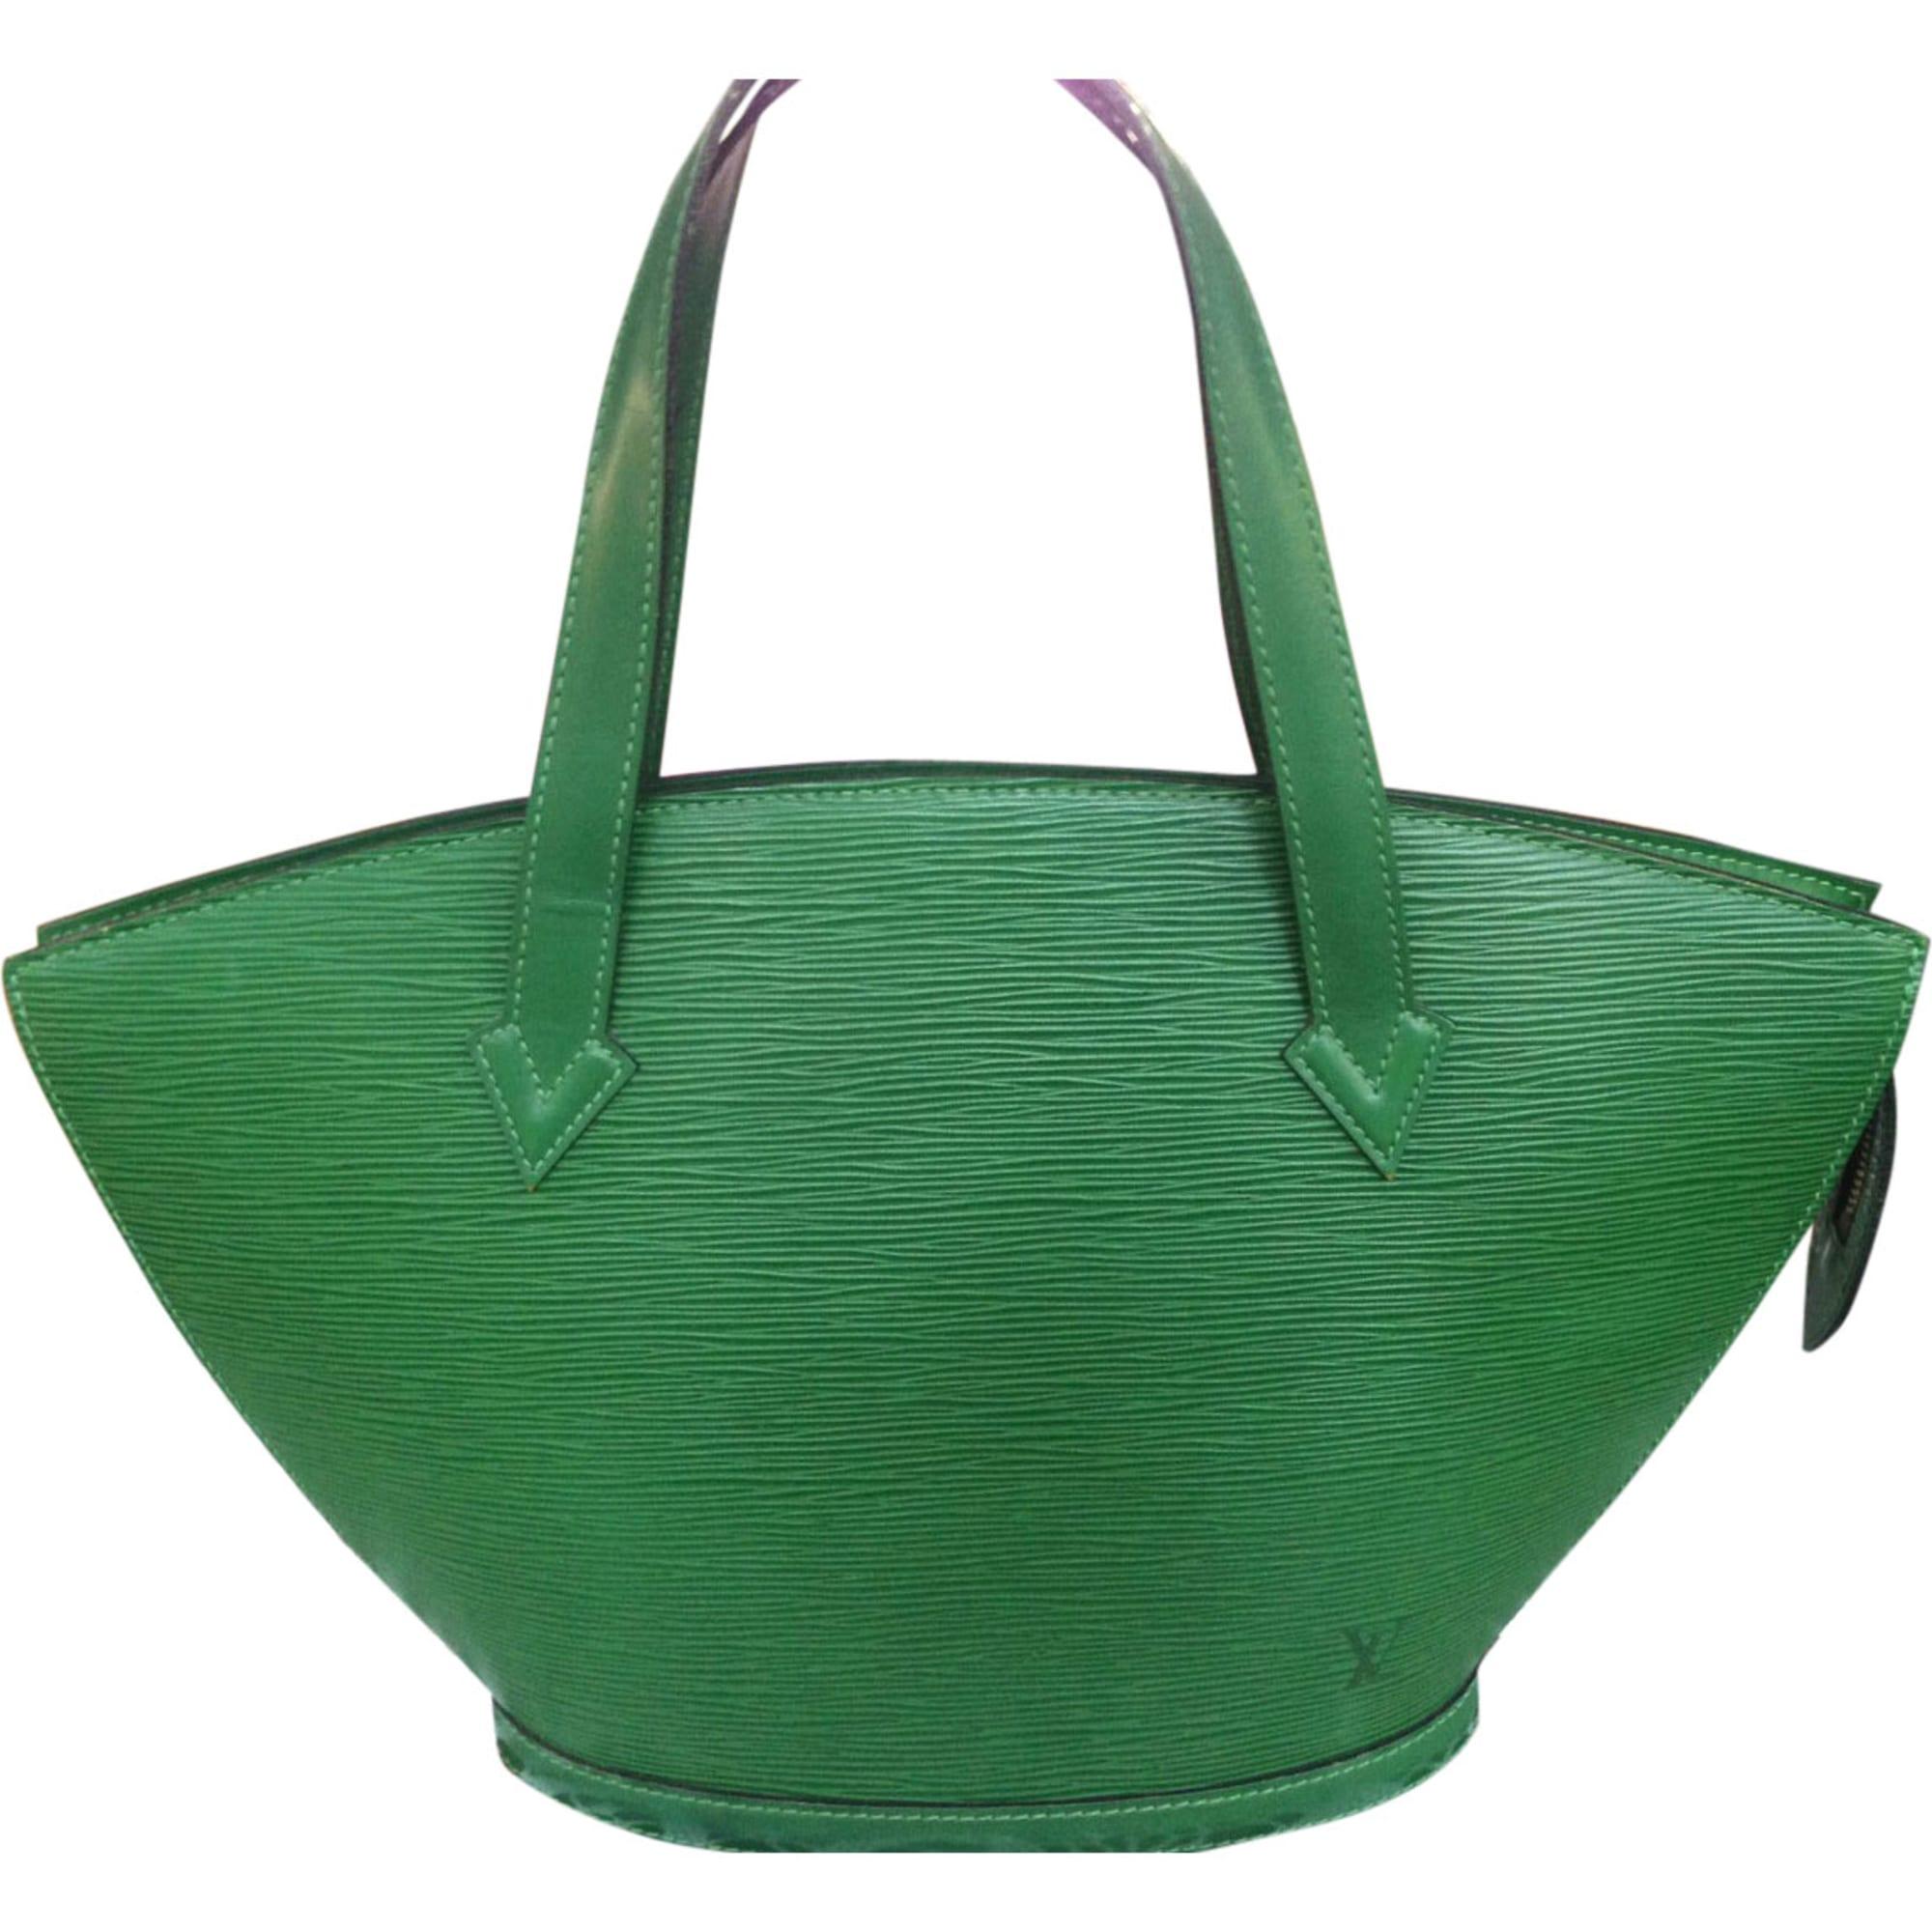 8fd560d3741e Sac à main en cuir LOUIS VUITTON vert vendu par Luxe recyclé - 6068894